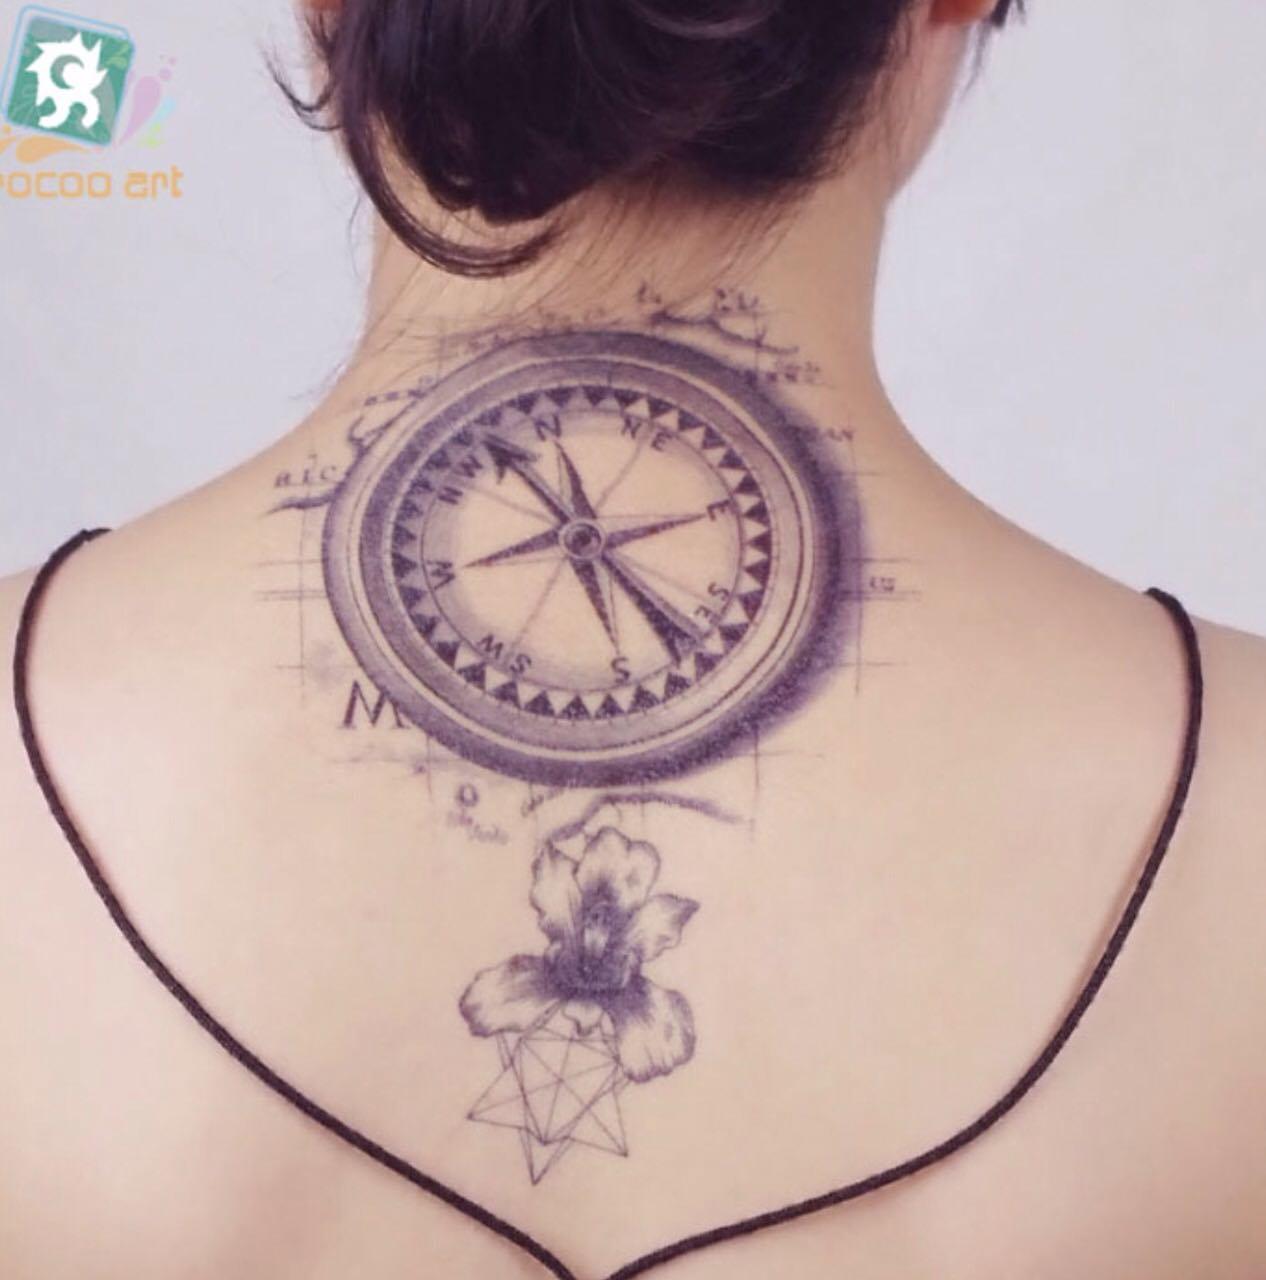 863755239_w640_h640_flesh-tatu-kompas.jpg